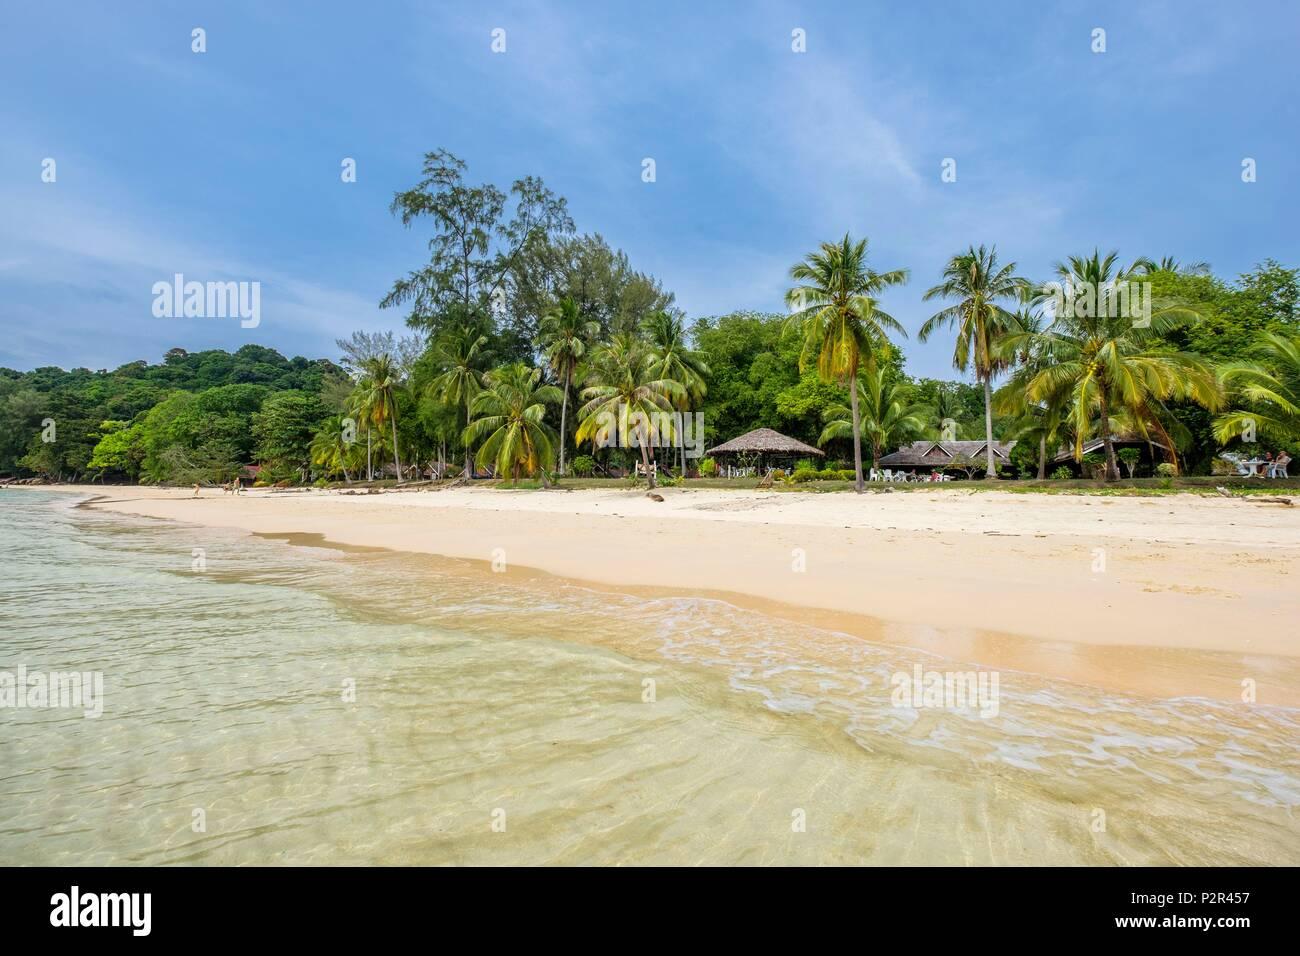 Thailandia, provincia di Satun, Mu Ko Phetra il Parco Marino Nazionale, Ko Bulon Leh island, la grande spiaggia di sabbia bianca a est dell isola e Pansand Resort sotto gli alberi di noce di cocco Immagini Stock